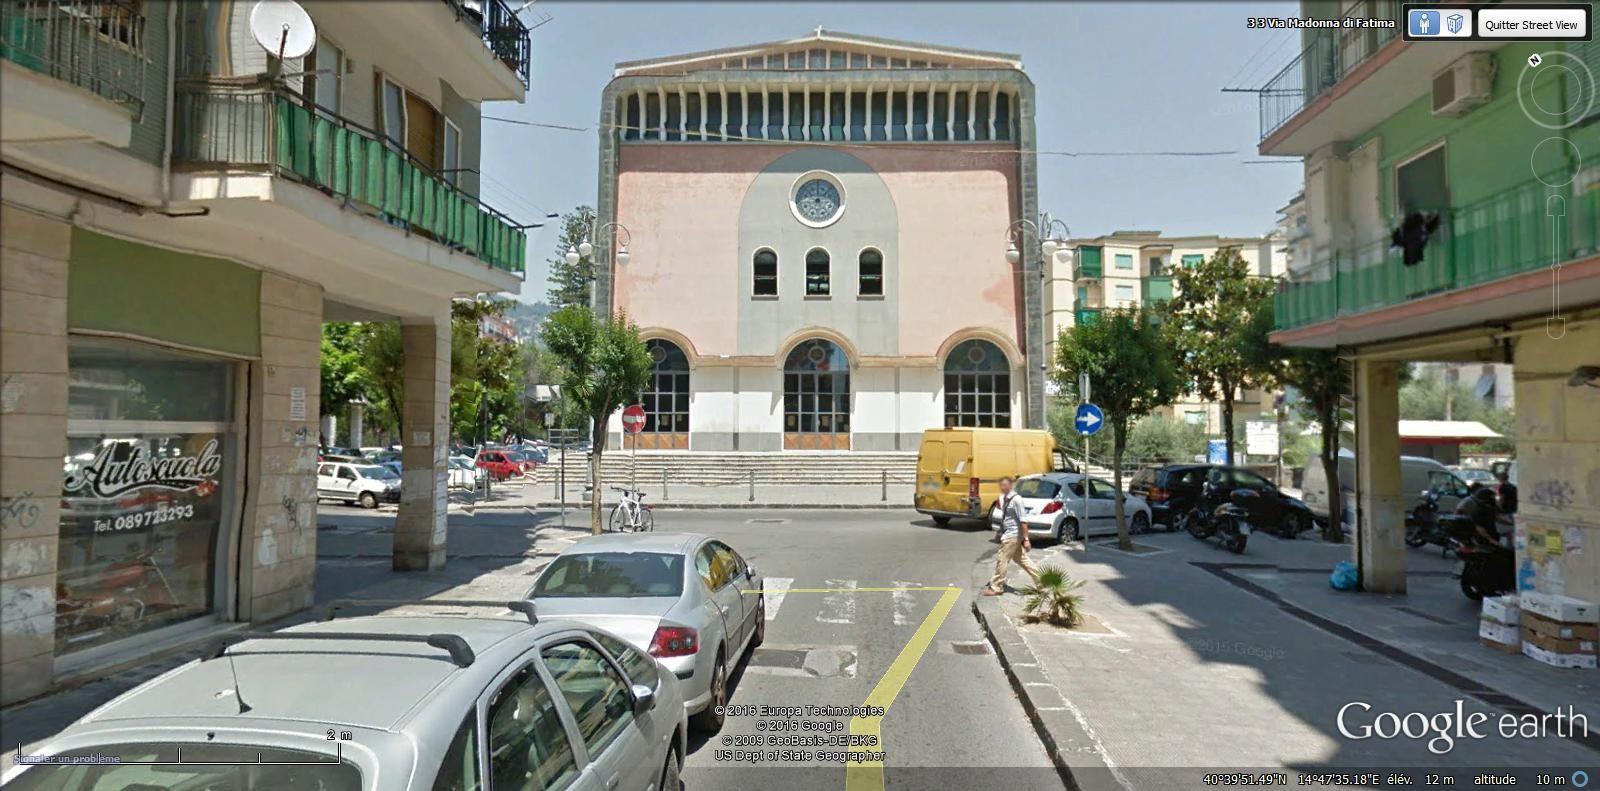 église Cuore Immacolata di Maria SMT ( 3,6 km )